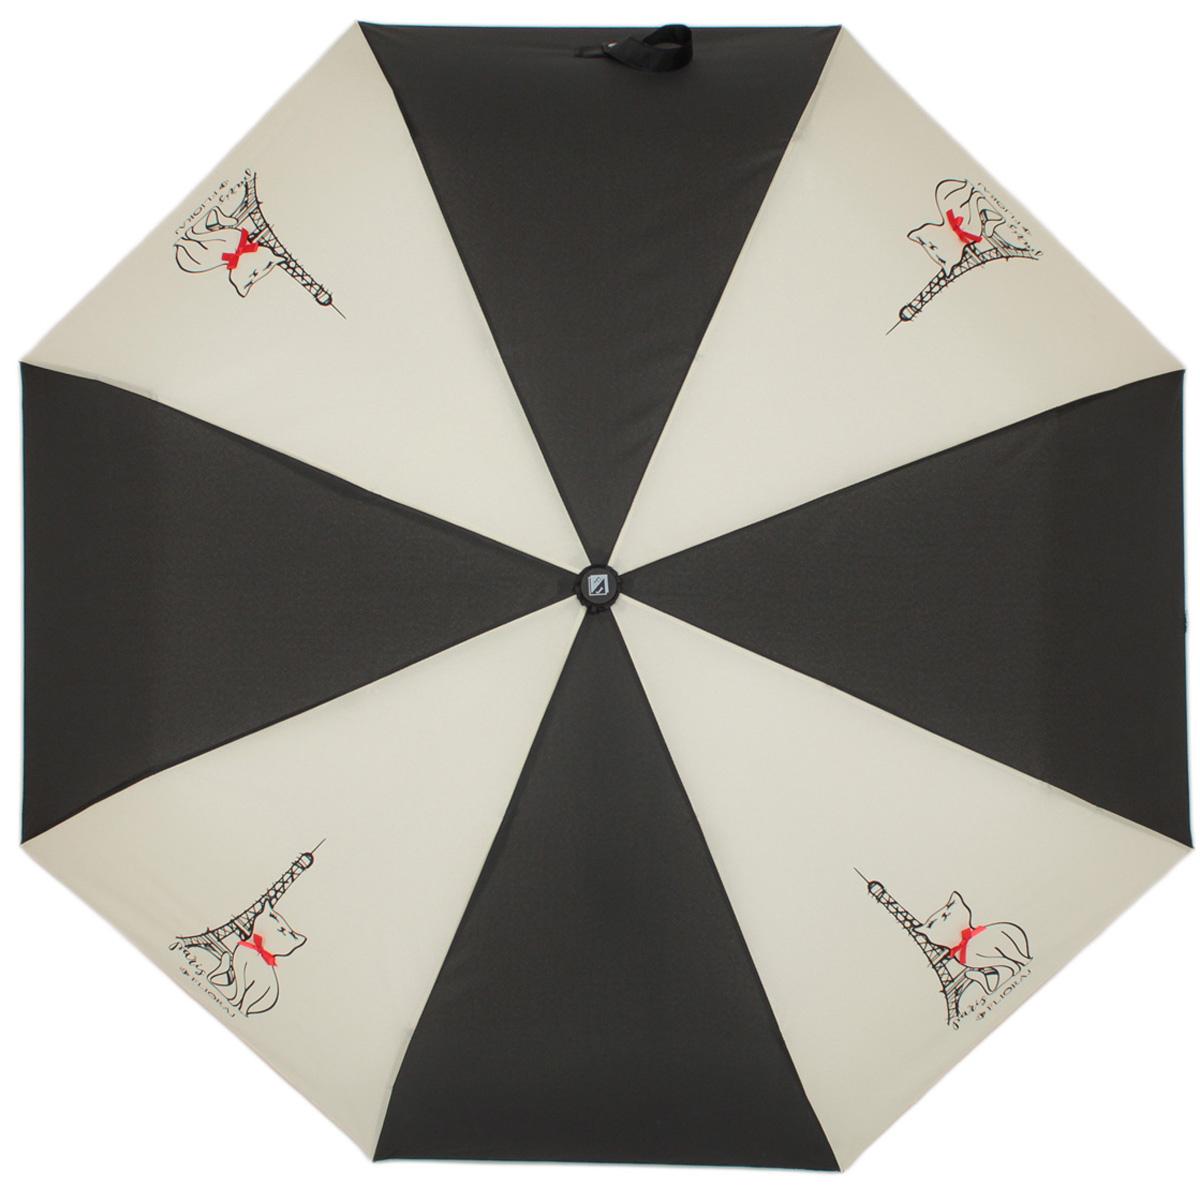 Зонт женский Flioraj Наив. Кошки, автомат, 3 сложения, цвет: черный, белый. 160200 FJ160200 FJЯркий зонтик в стиле наив, украшенный винтажным рисунком и атласными бантиками. Тефлоновая пропитка обеспечивает дополнительную влагоустойчивость, зонт не промокает на 3 часа дольше аналогов. Ручка с покрытием Soft Touch не скользит и не царапается.